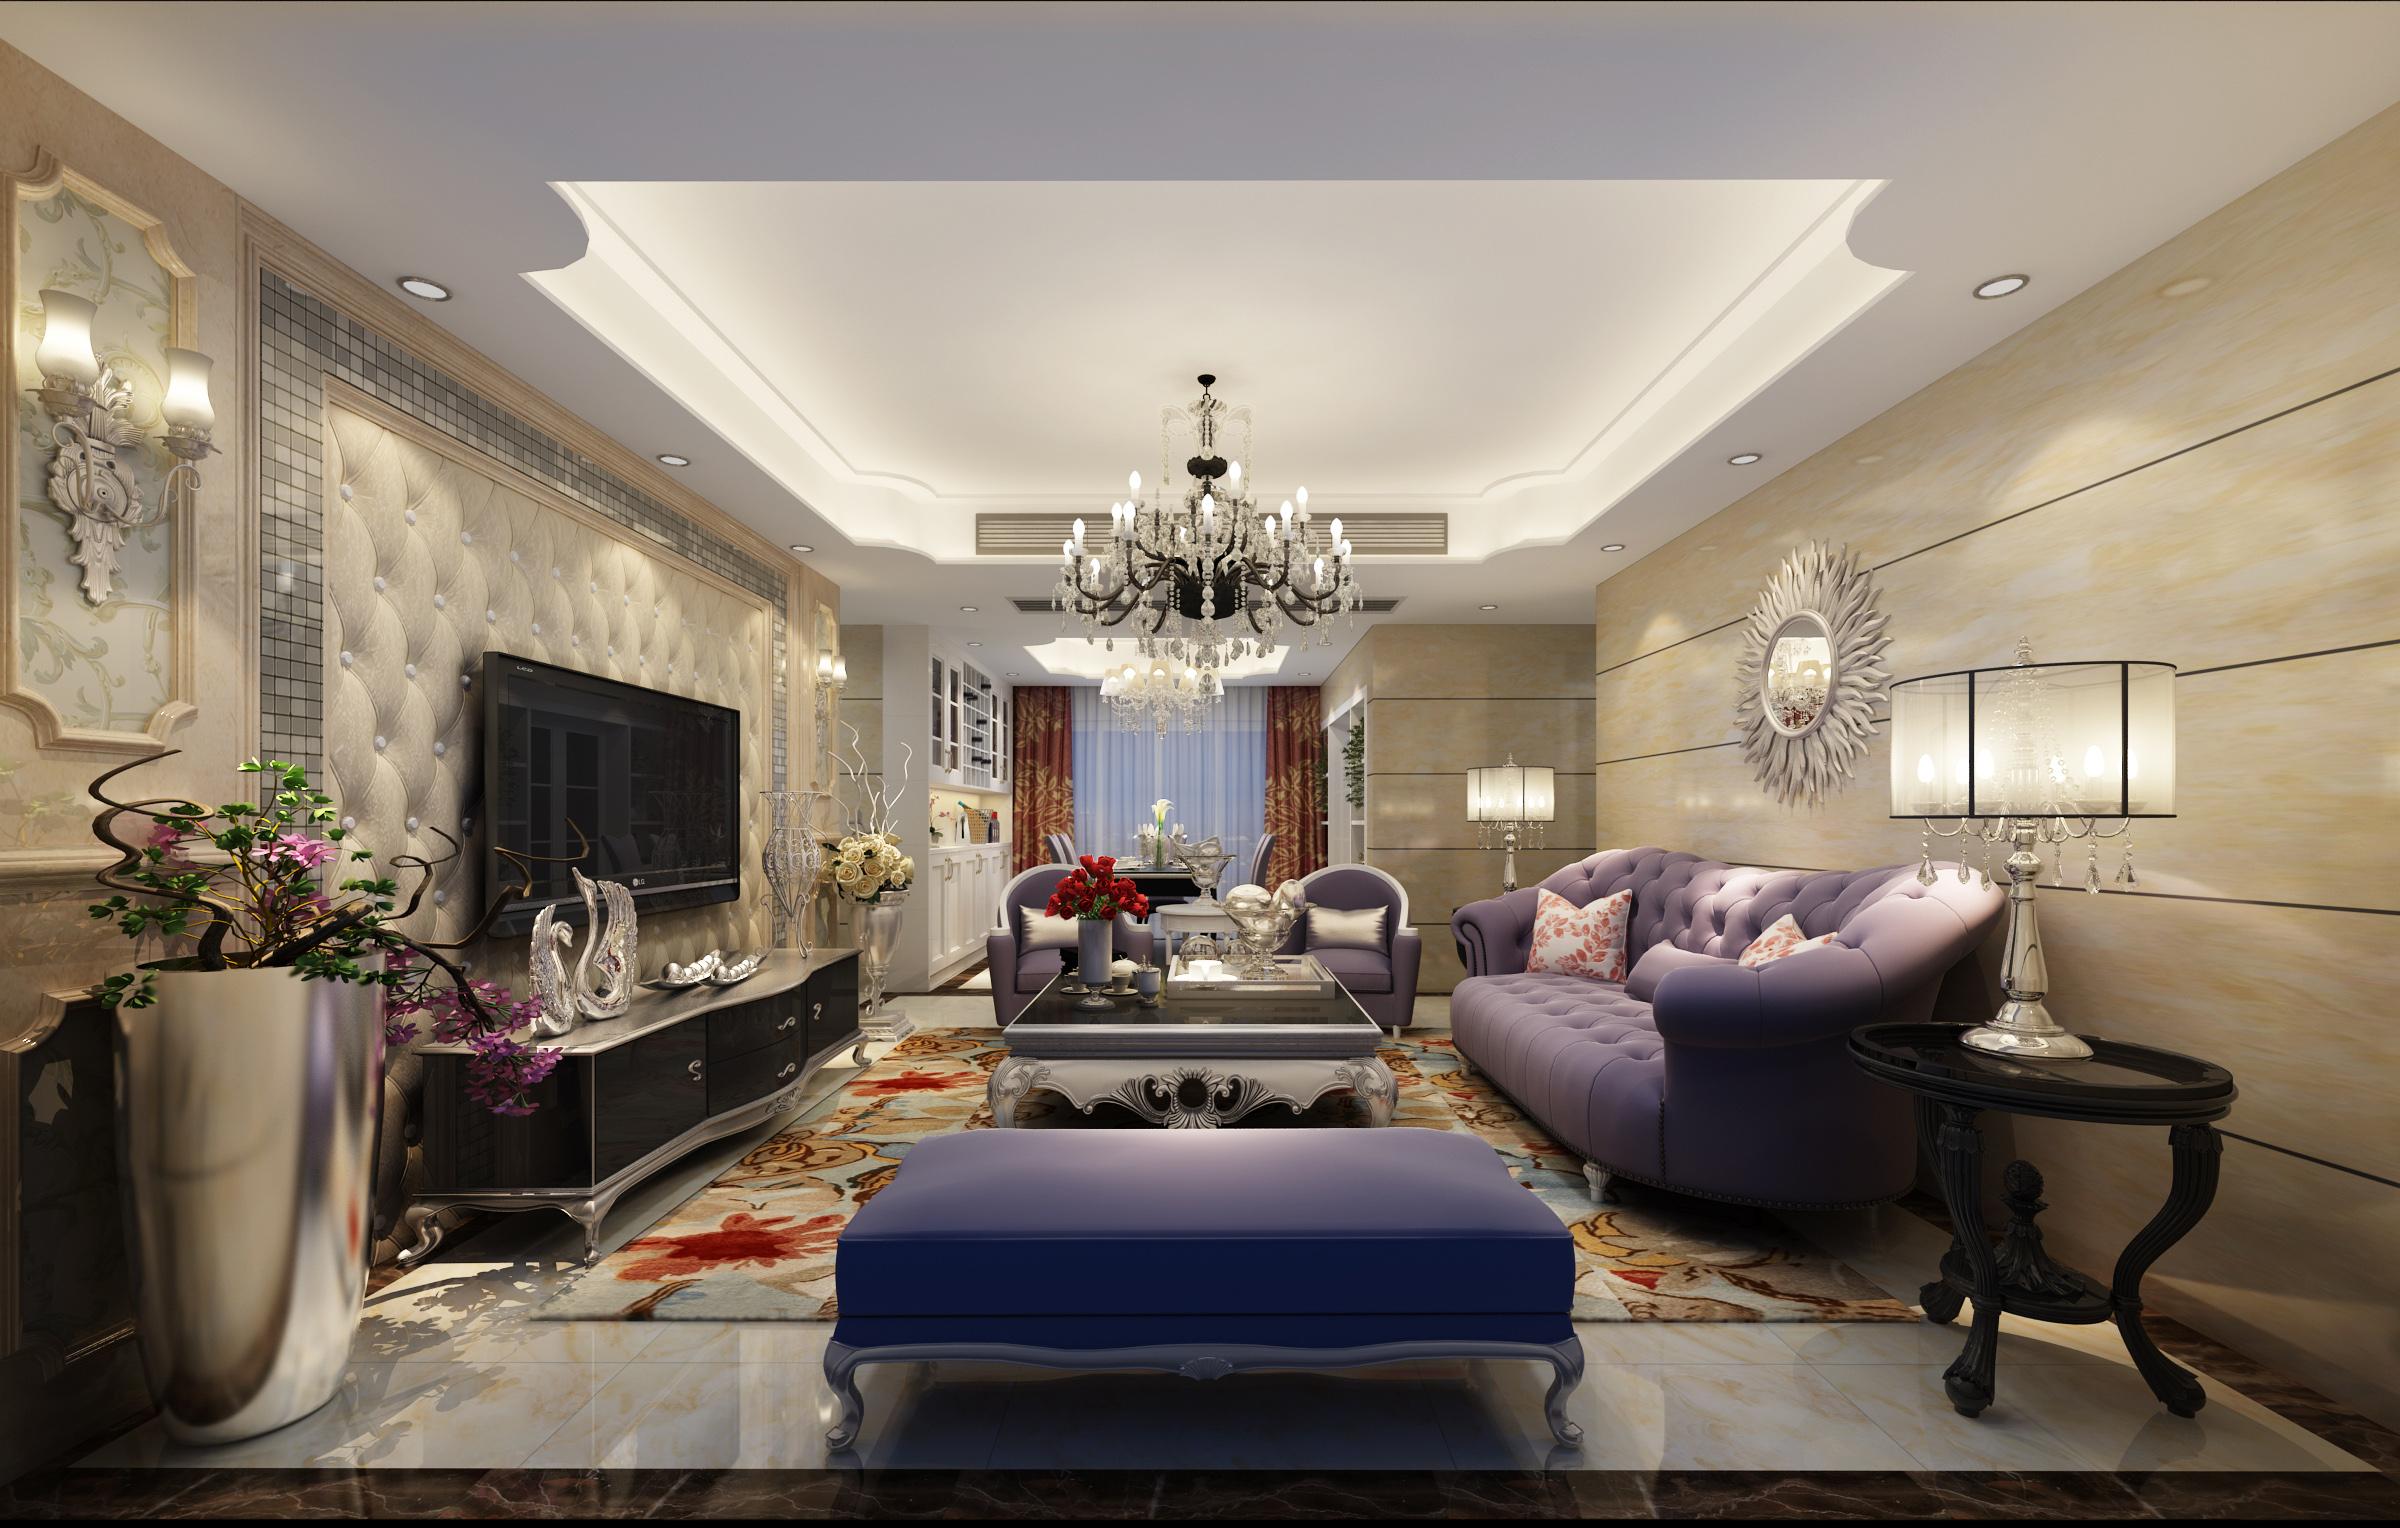 欧式 四居室 华府国际 自然元素 80后 收纳 客厅 客厅图片来自自然元素装饰马晓丹在华府国际12万轻松打造欧式风格的分享